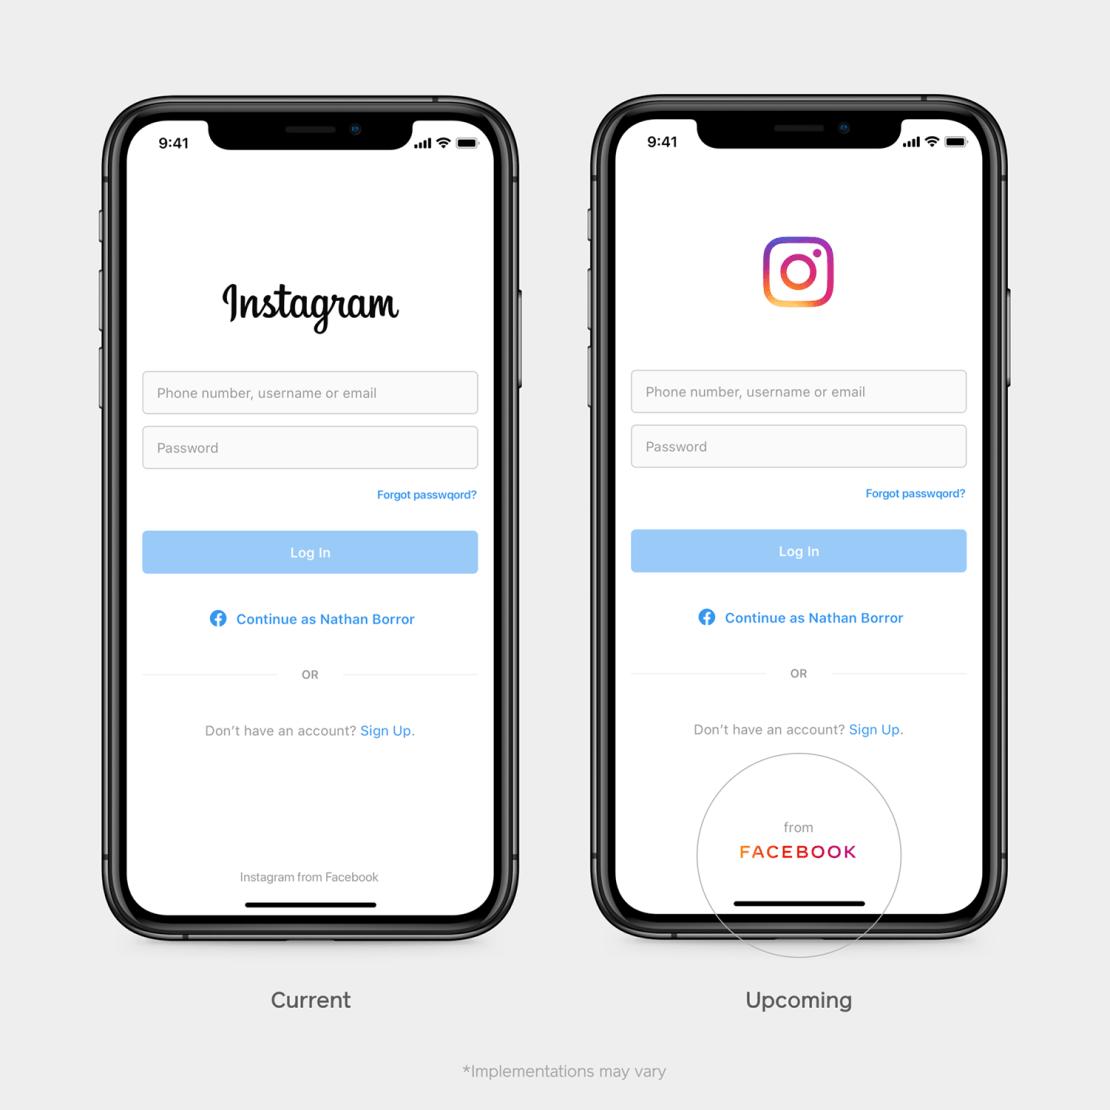 Logo Facebooka w aplikacji Instagram